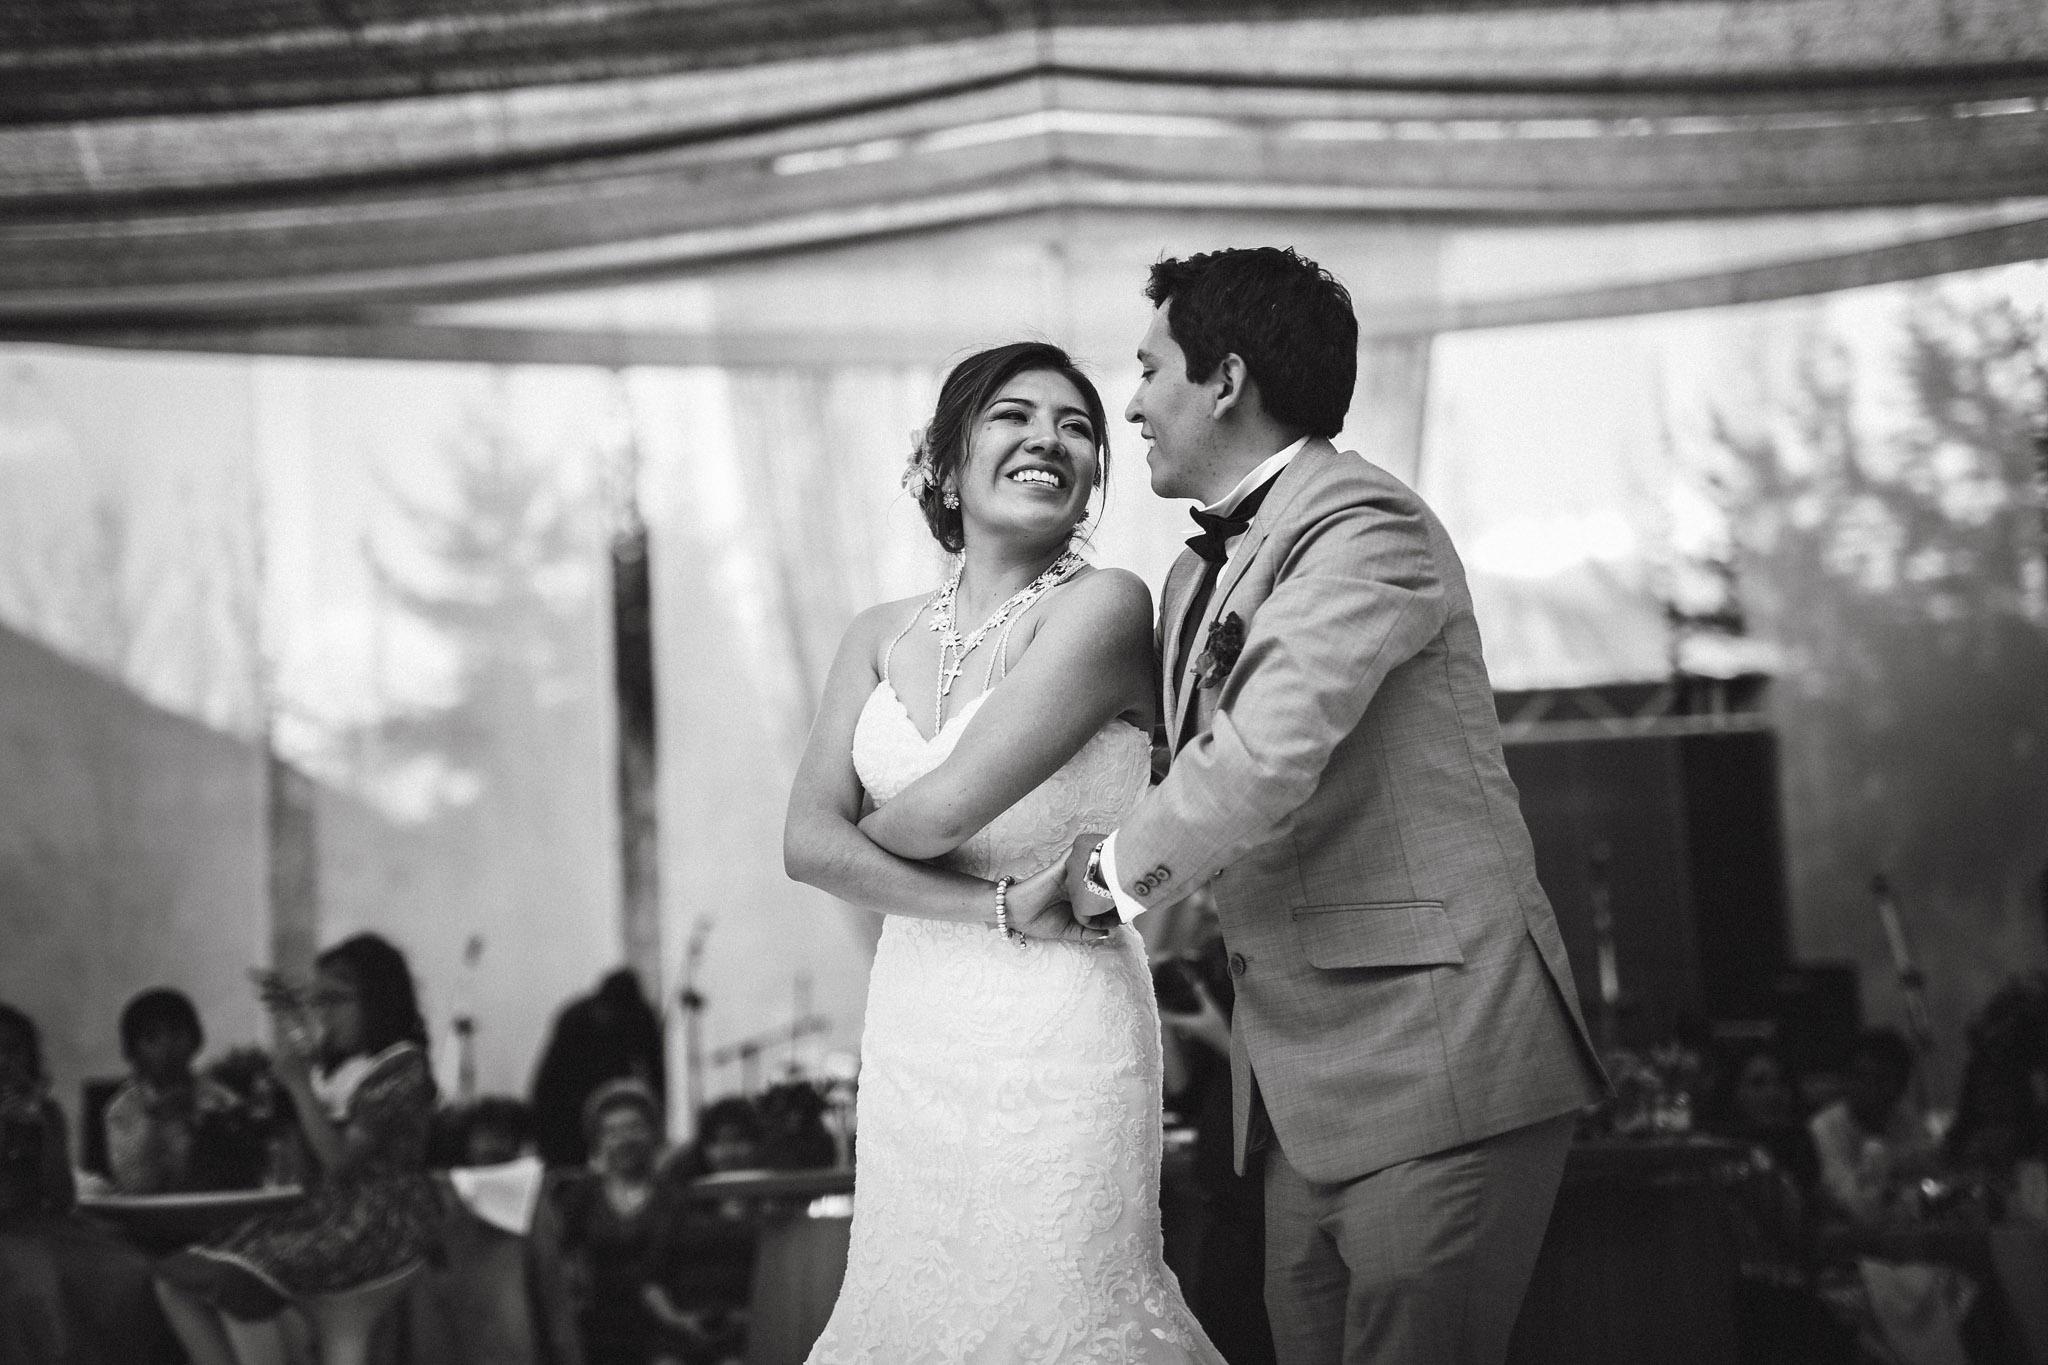 Wedding-Travellers-Destination-Wedding-Peru-Cusco-Hacienda-Sarapampa-Sacred-Valley-first-dance-black-white